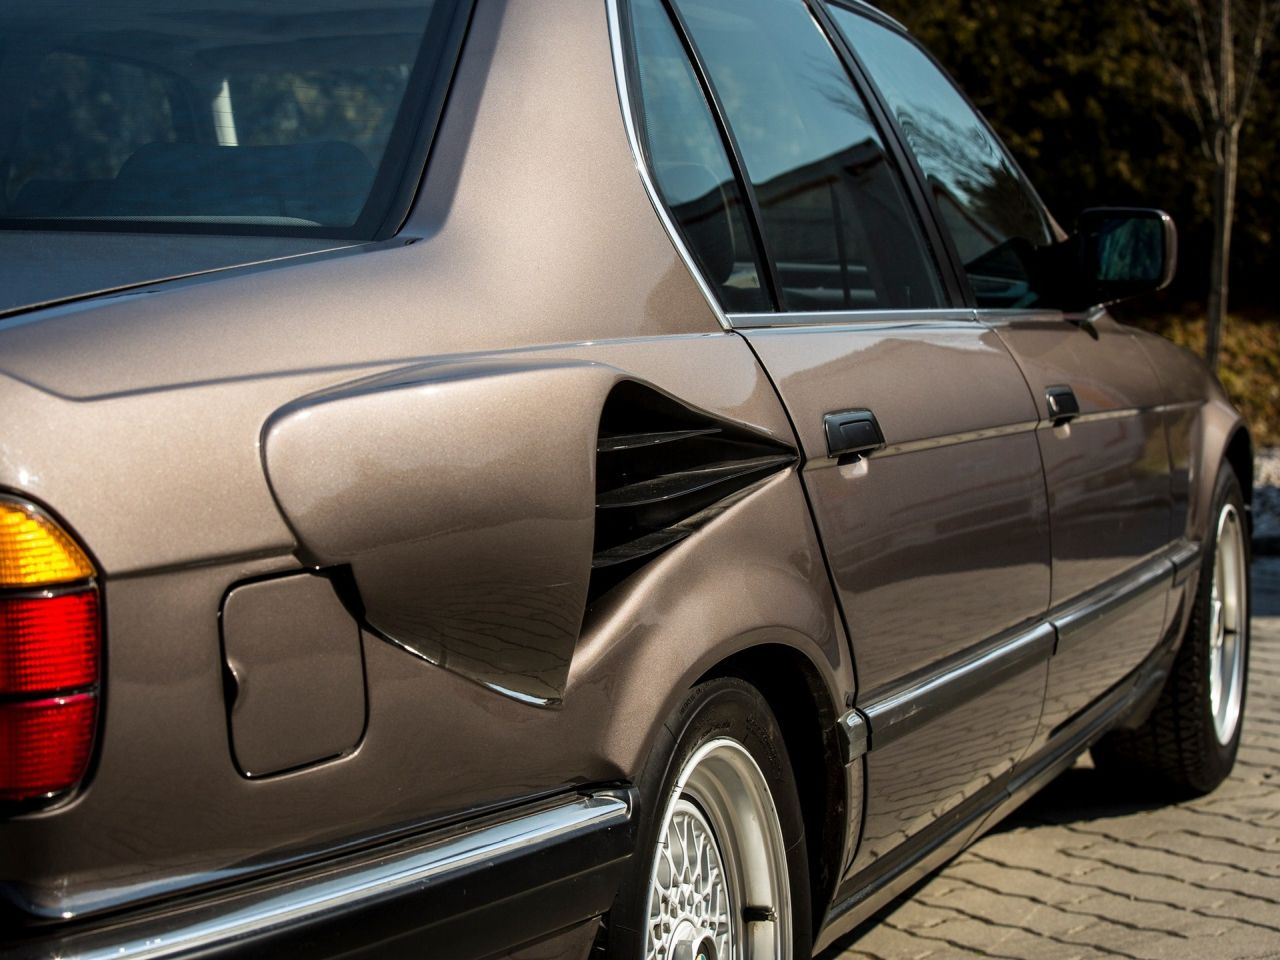 BMW 750iL V16 de 1987 - Une mémoire de poisson rouge ! 26